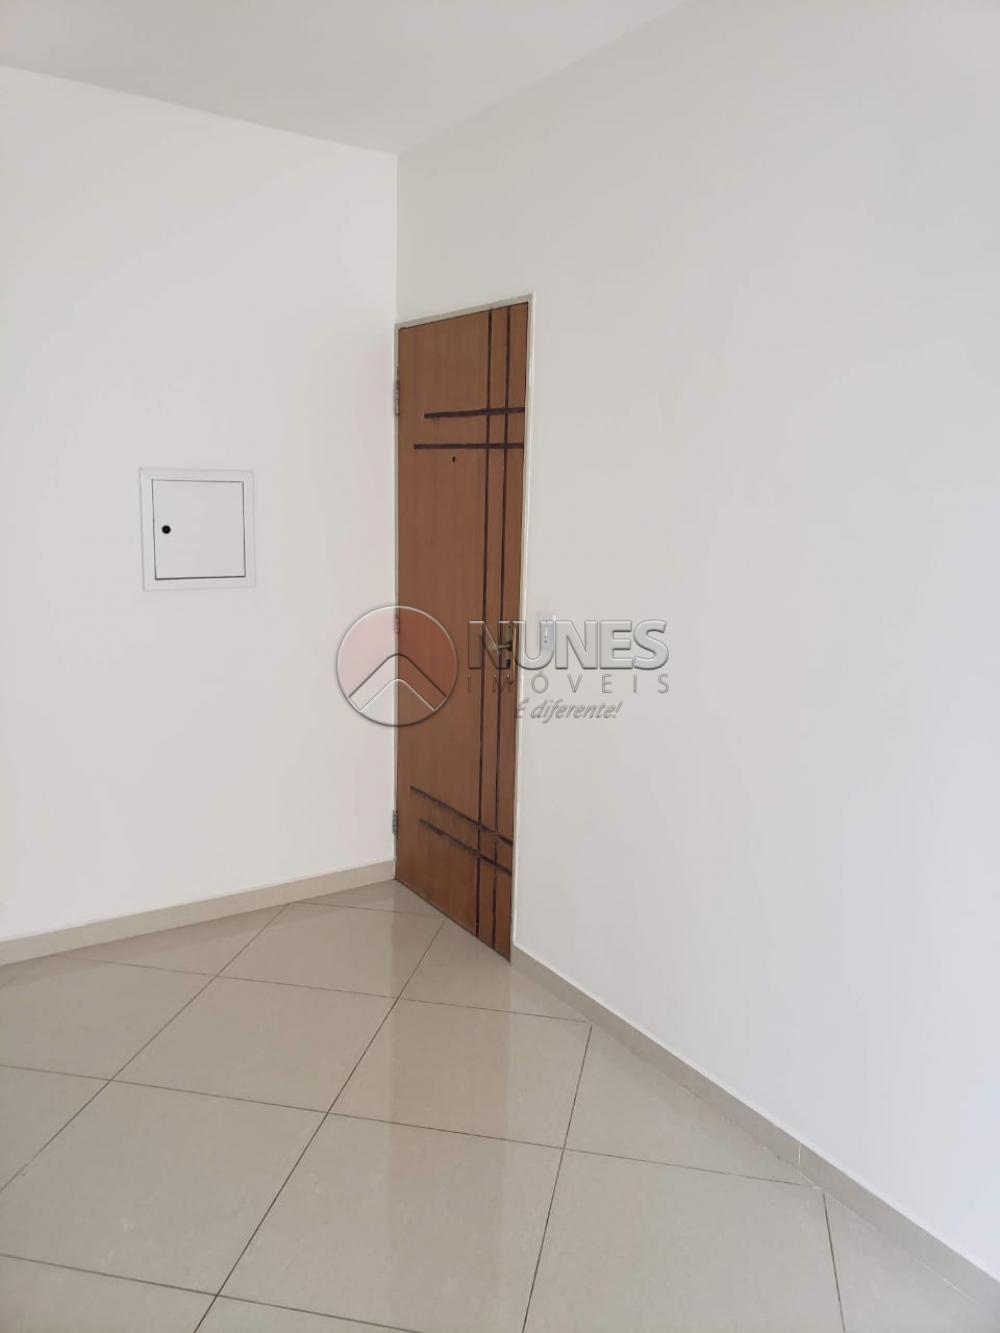 Comprar Apartamento / Padrão em Osasco apenas R$ 235.000,00 - Foto 7